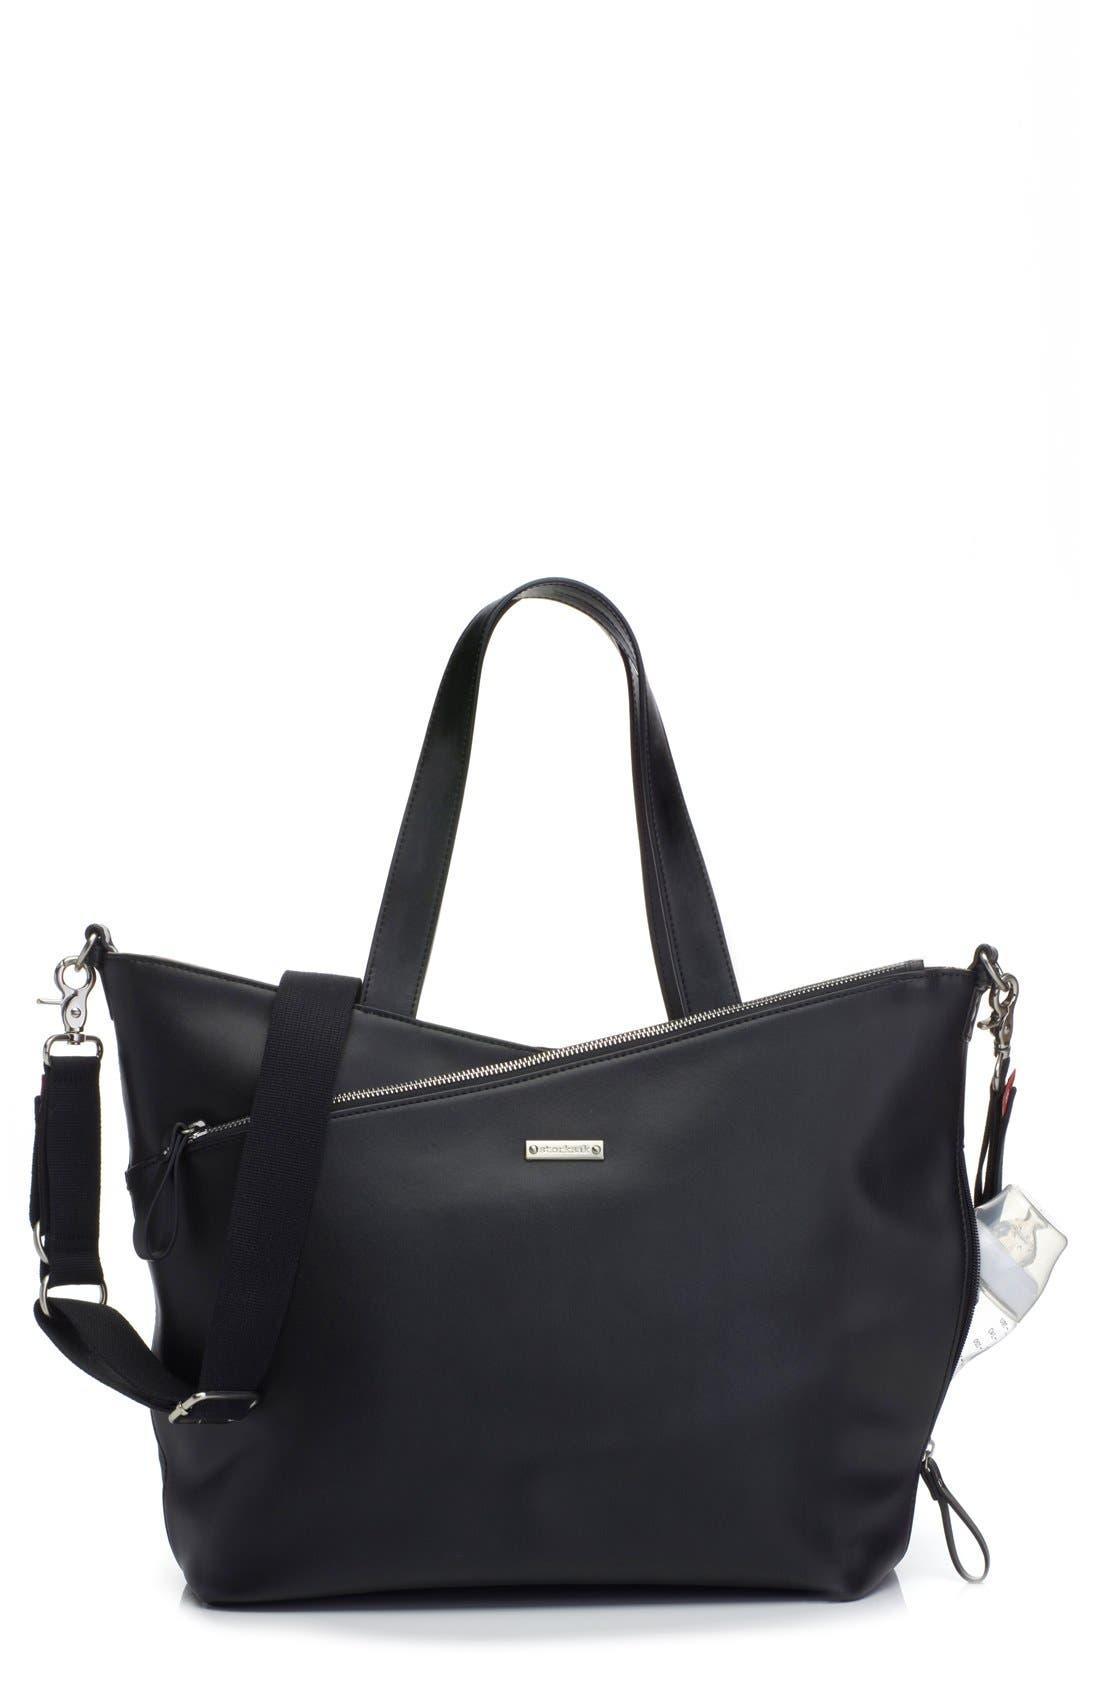 'Lucinda' Diaper Bag Leather Tote,                             Main thumbnail 1, color,